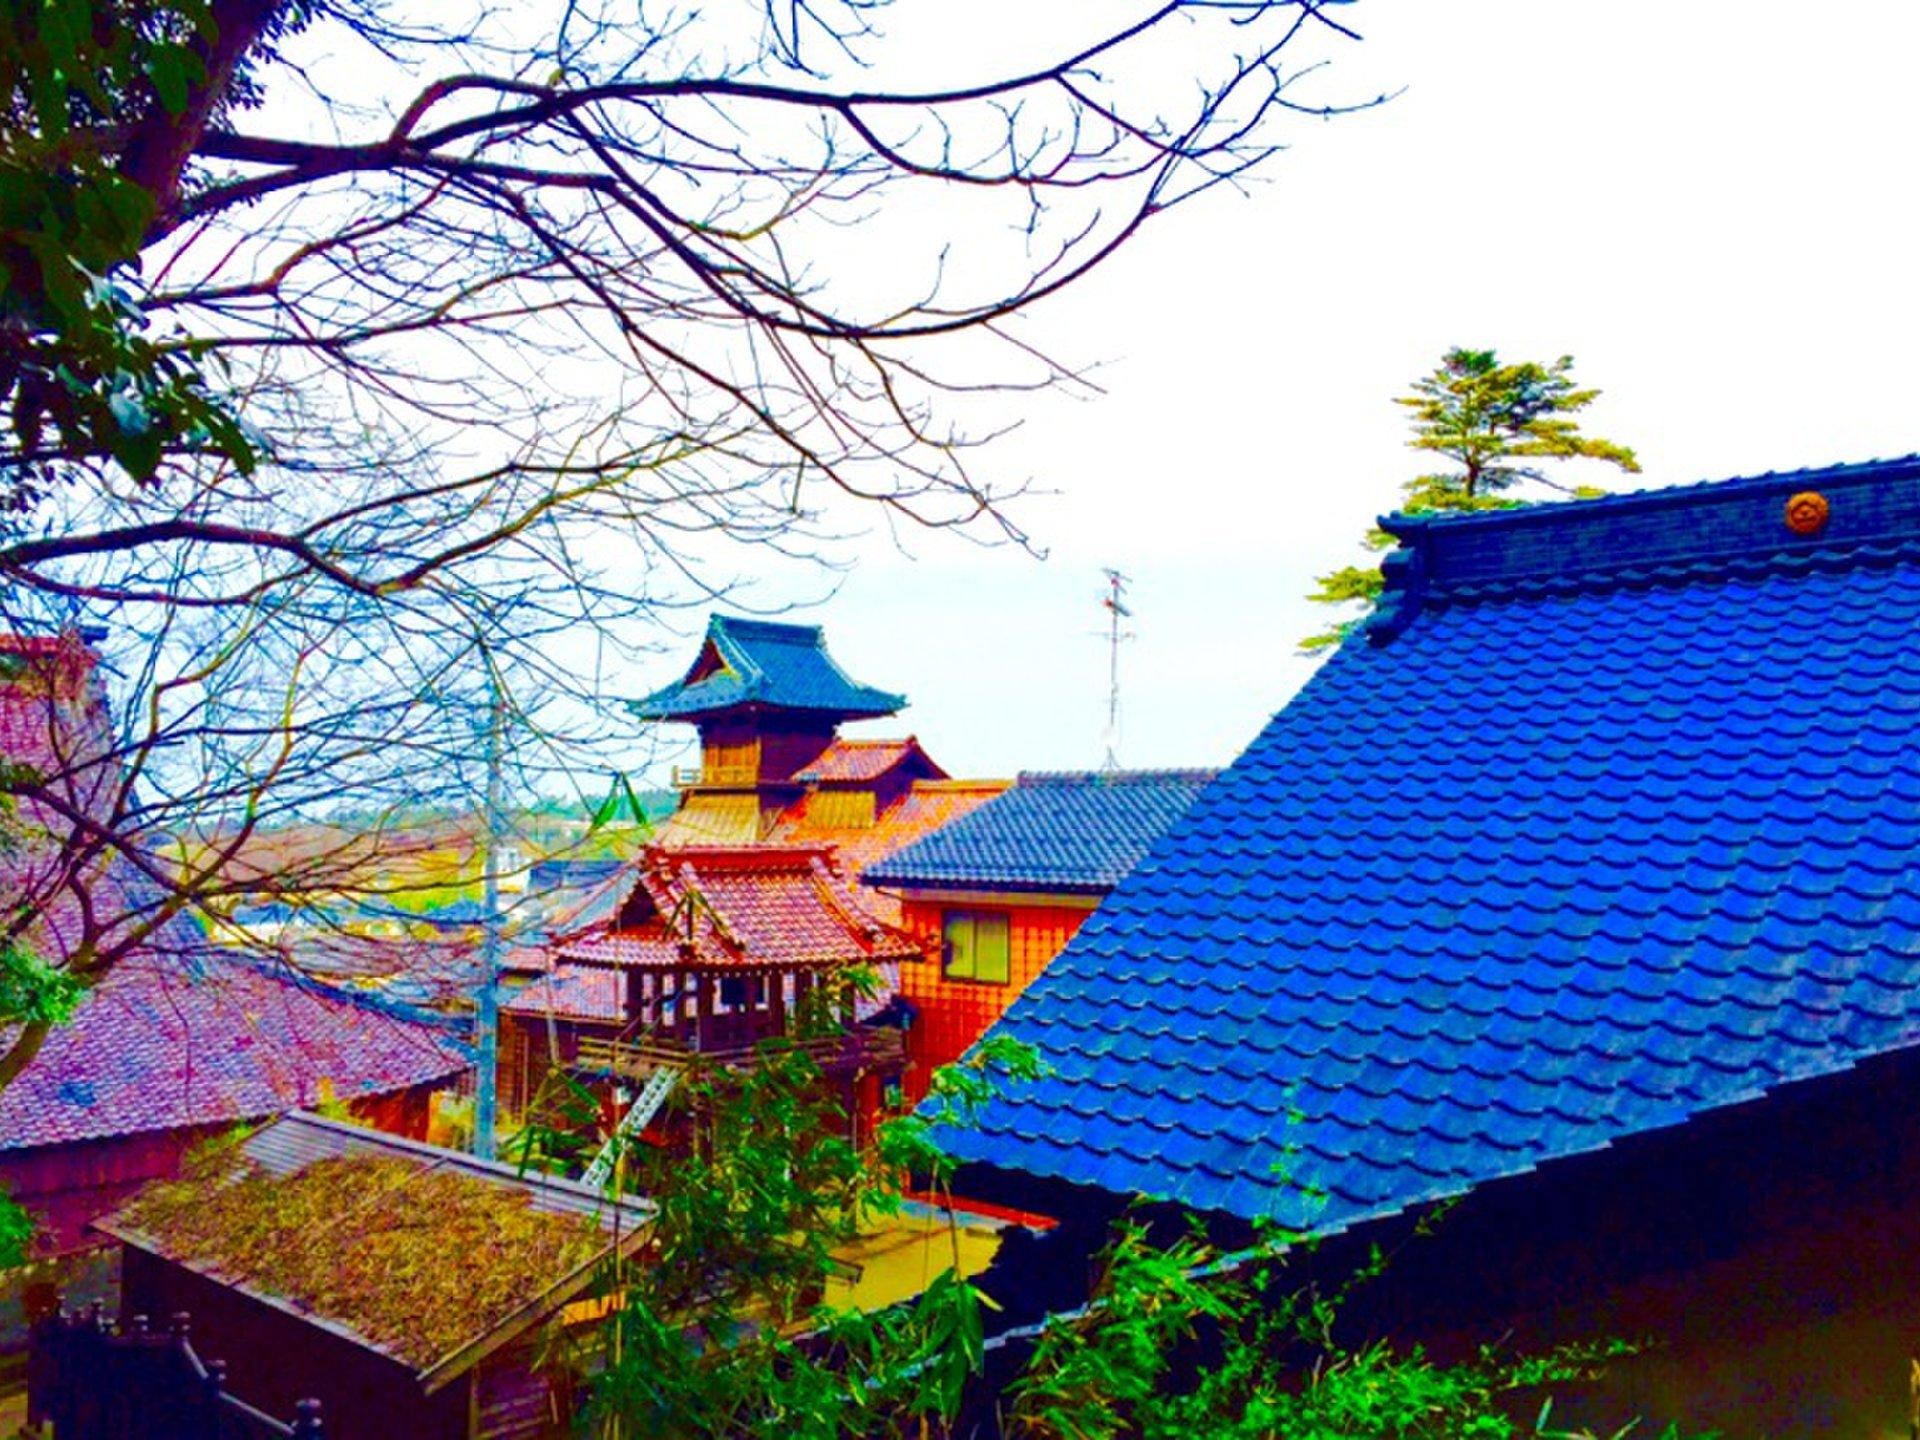 【落ち着いた北陸観光】実は日本海側屈指の宗教都市だったあわら市。蓮如の里吉崎御坊を歩く!